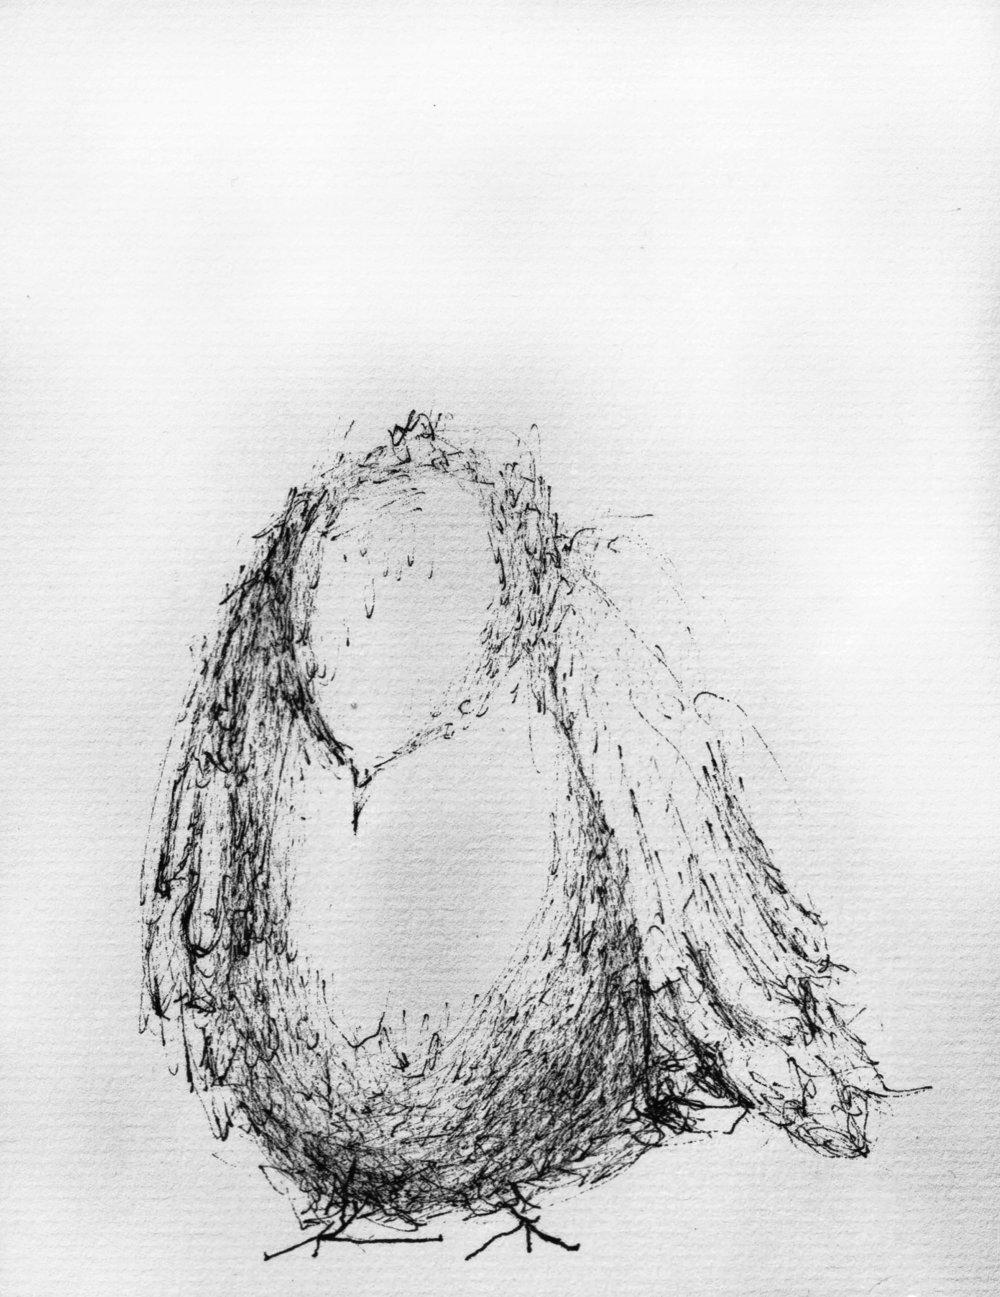 Coronil.birdface.grayscale.jpg